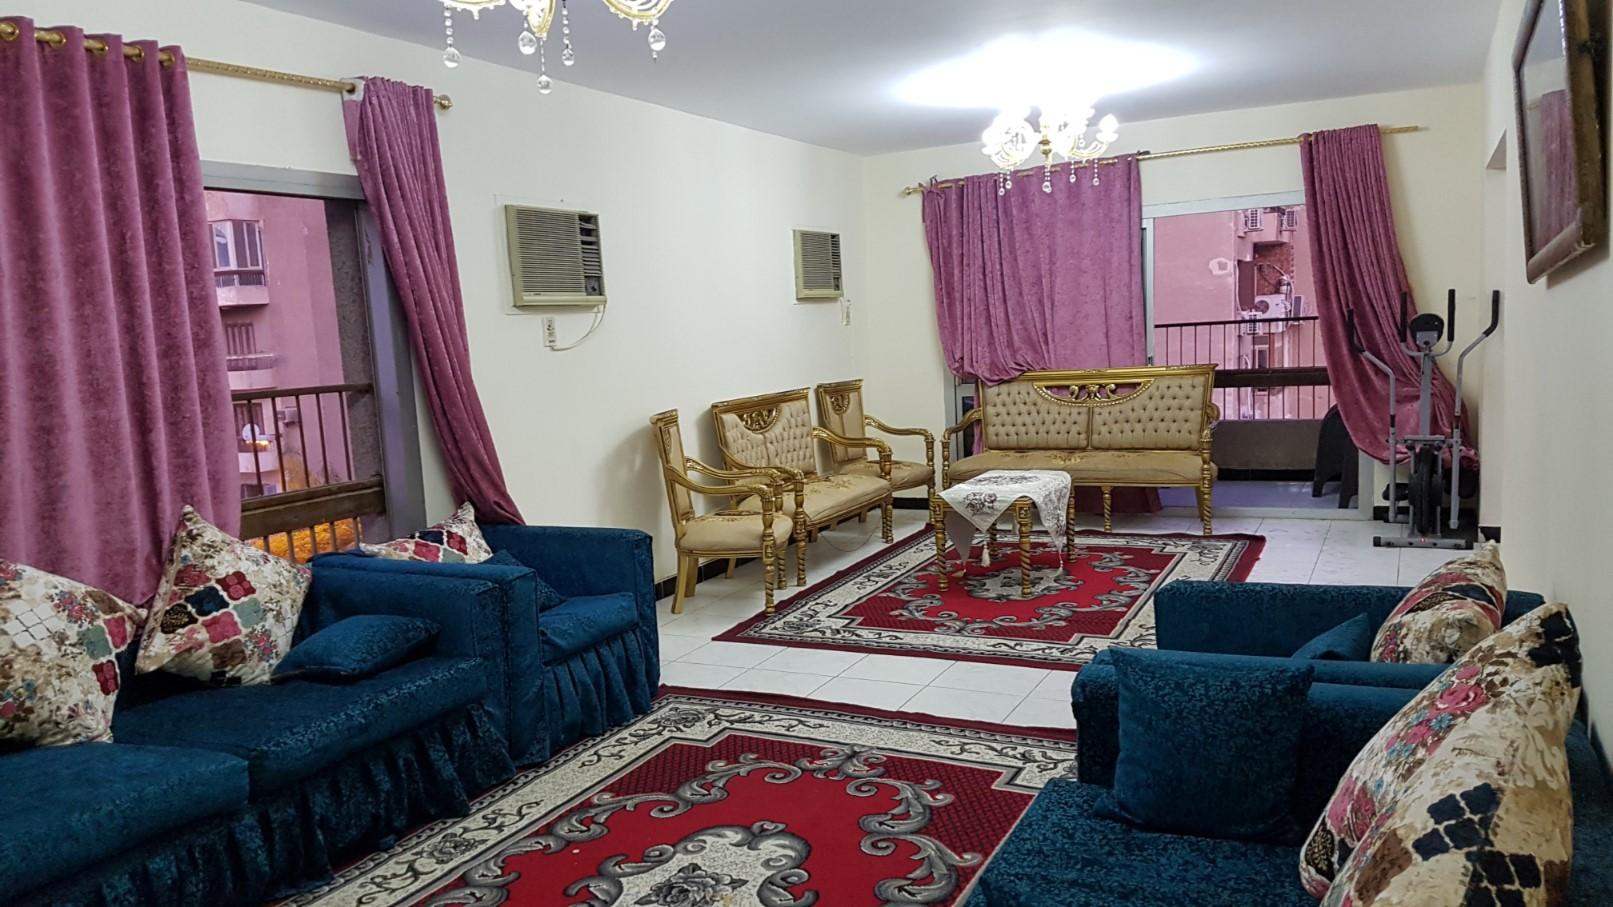 شقق للبيع شقة للبيع 177م في زهراء المعادي قرب مدرسة العلياء